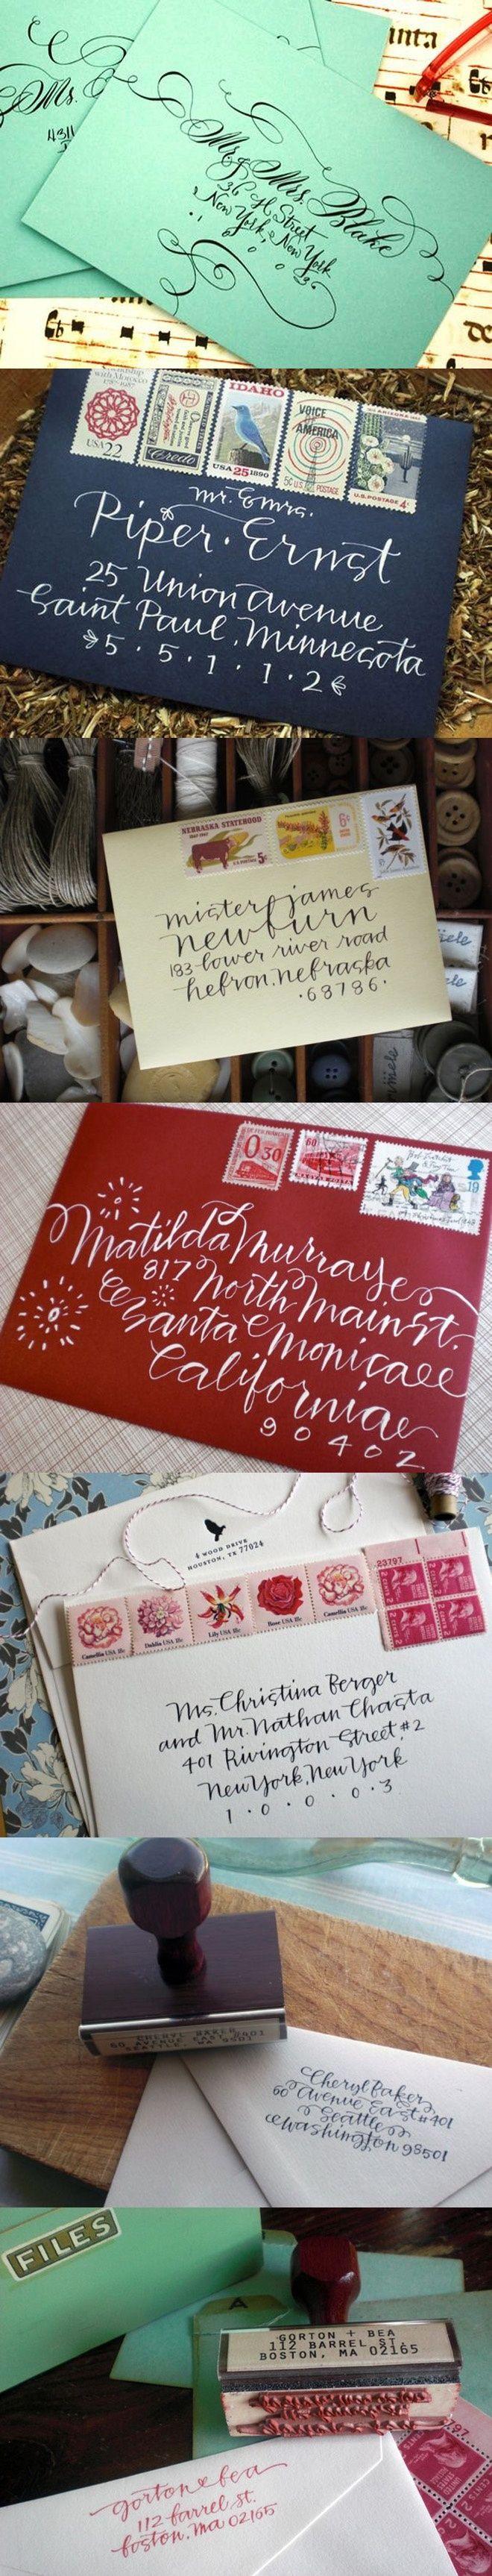 shannas envelopes thing I like: pretty handwriting | jones design company